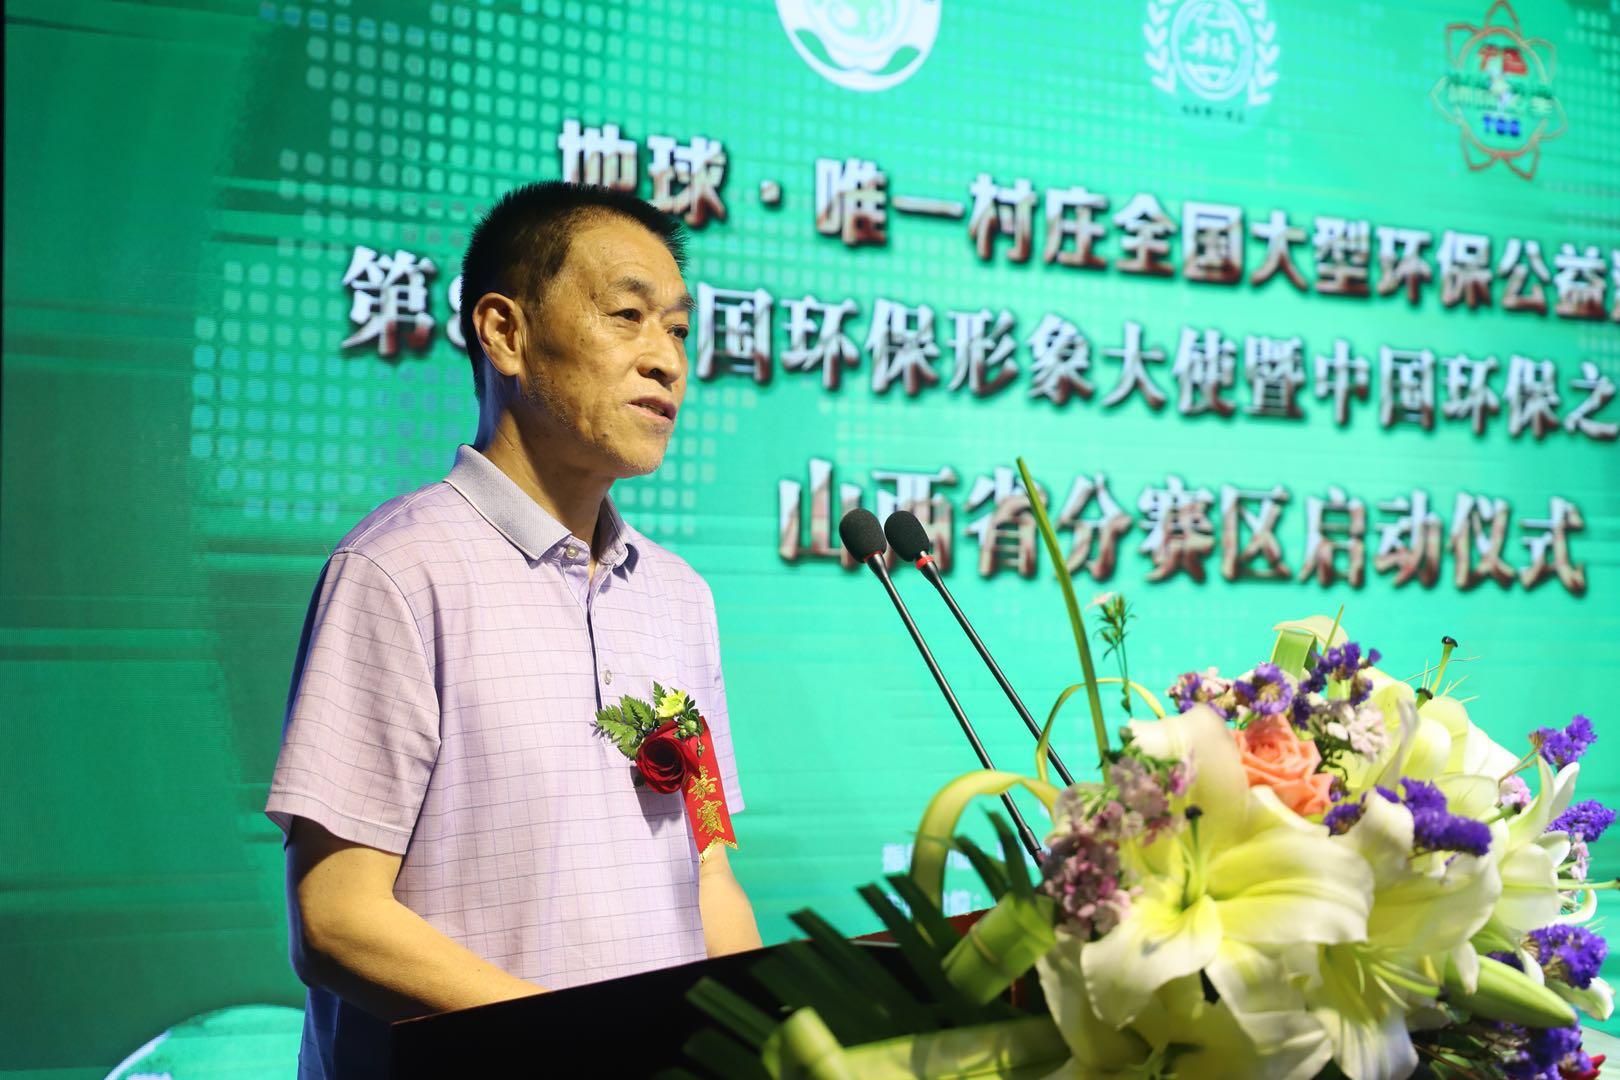 山西省环境文化促进会副会长柴腾虎讲话.jpg